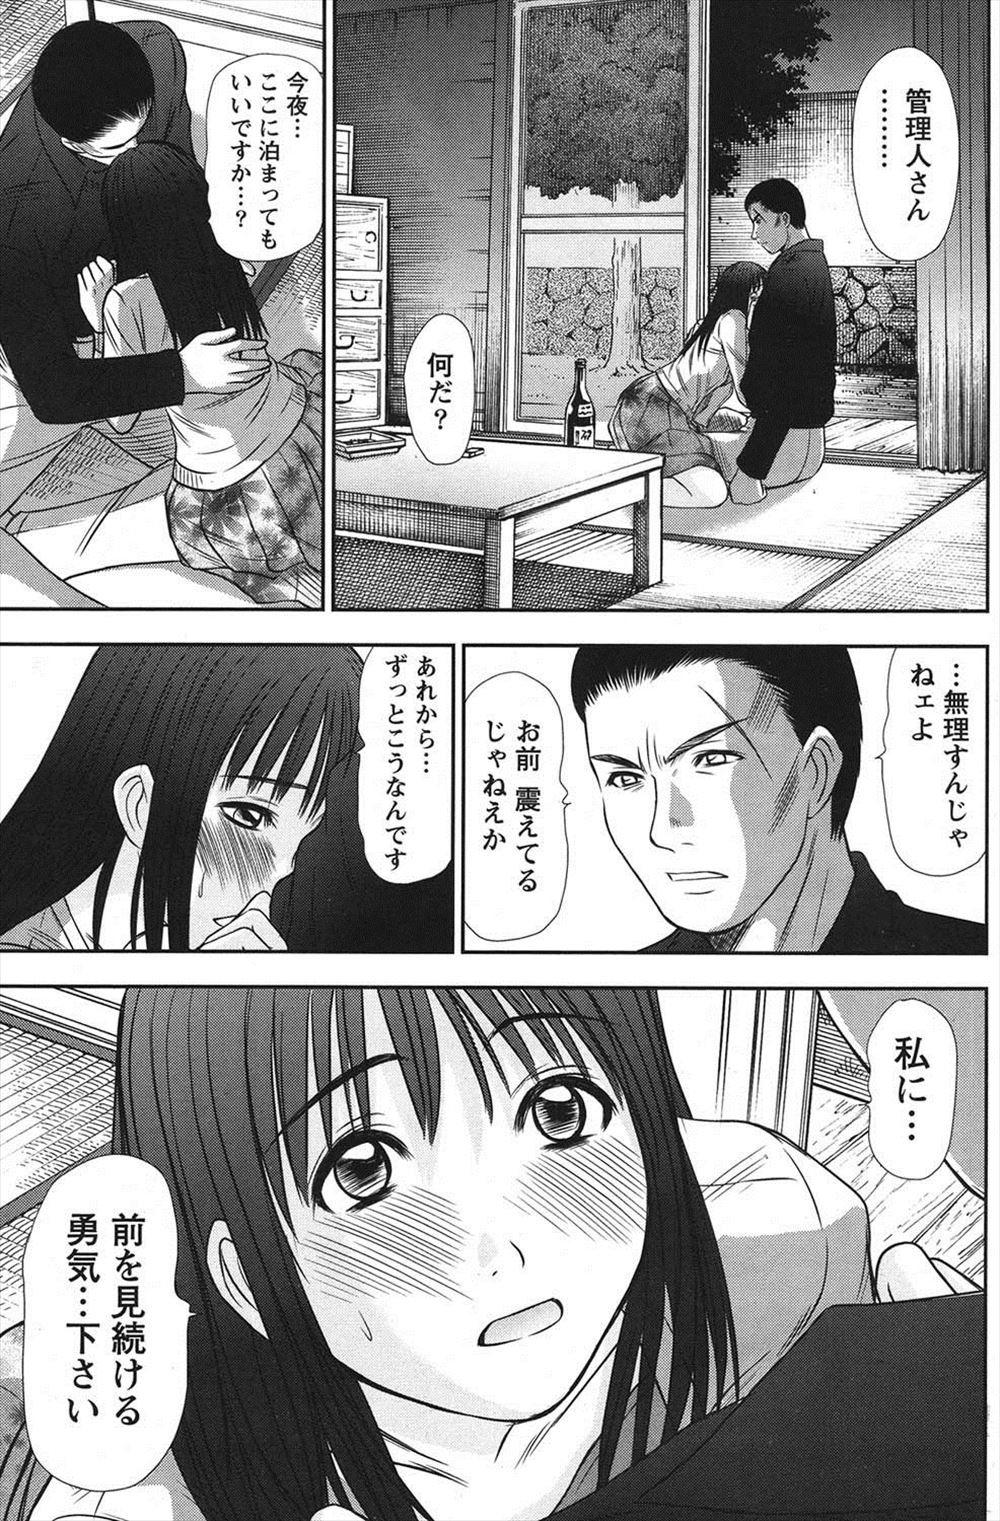 【エロ漫画同人誌】マネージャーに犯されかけた美少女アイドルがヤクザの男に助けられて抱いてもらう展開に♡ 015